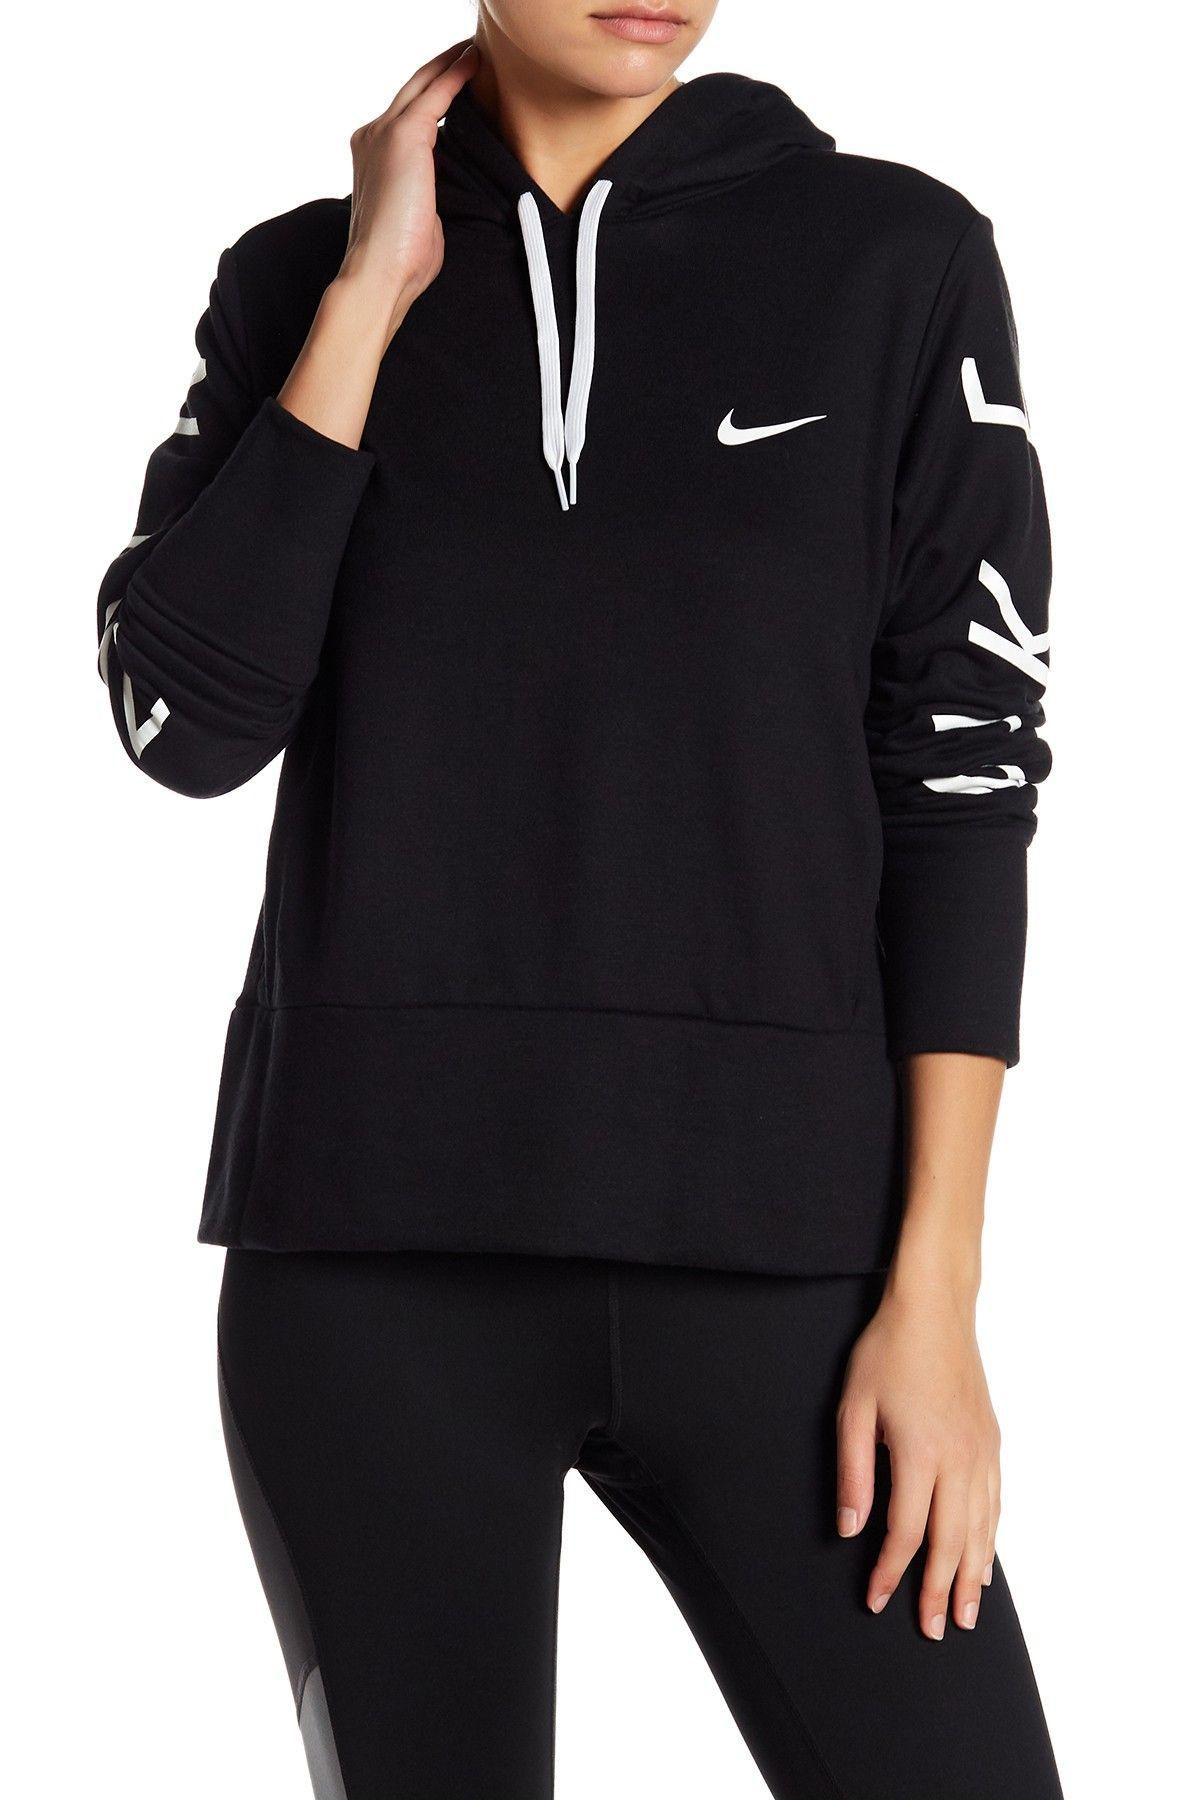 Nike drawstring knit logo drifit hoodie workout